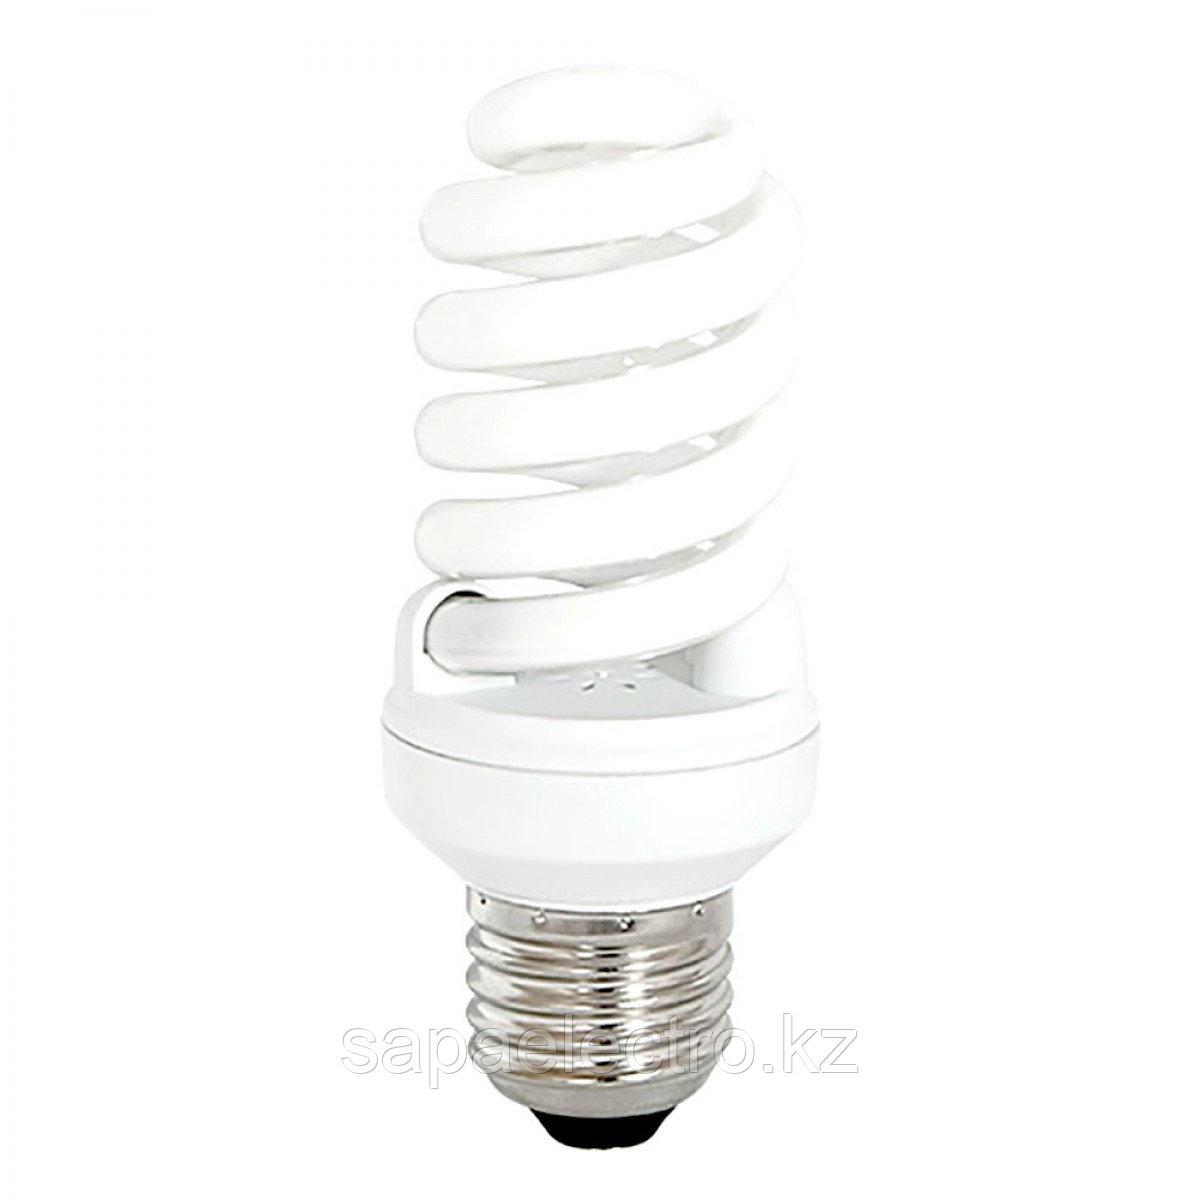 Лампа SPIRAL TINY  15W   E27   827   (TL) 50шт